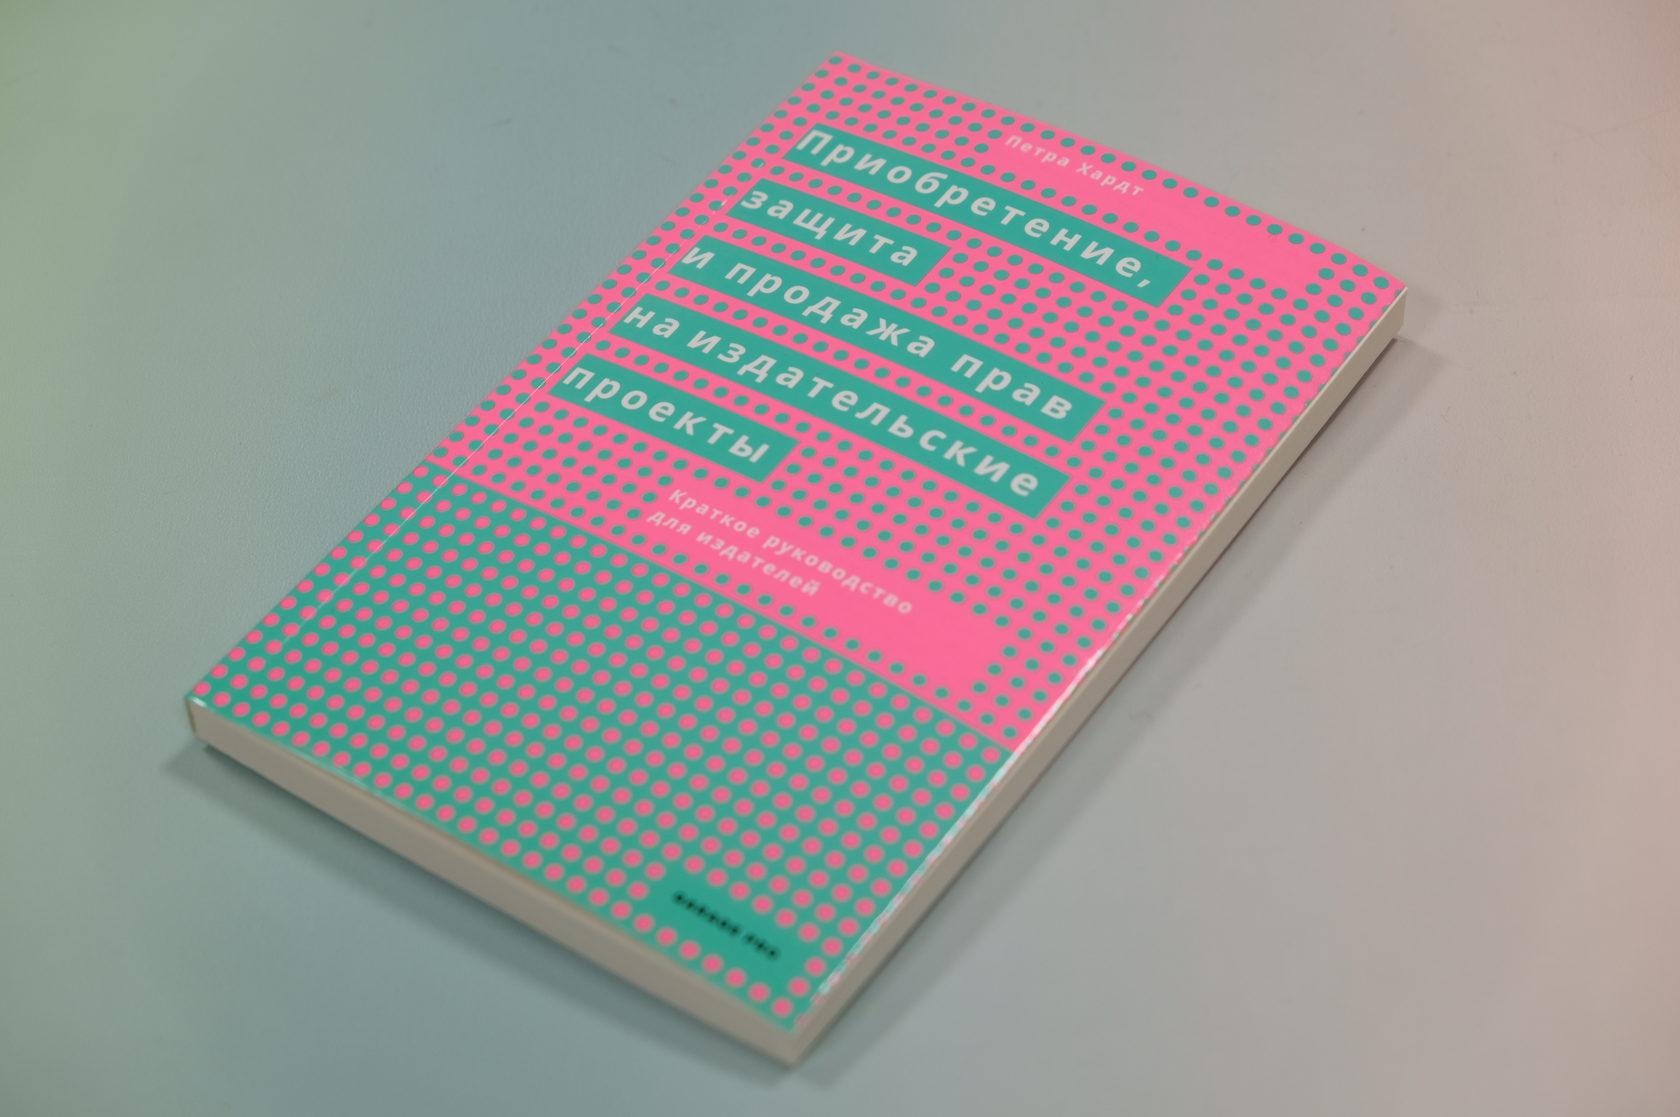 Петра Хардт «Приобретение, защита и продажа прав на издательские проекты. Краткое руководство для издателей»